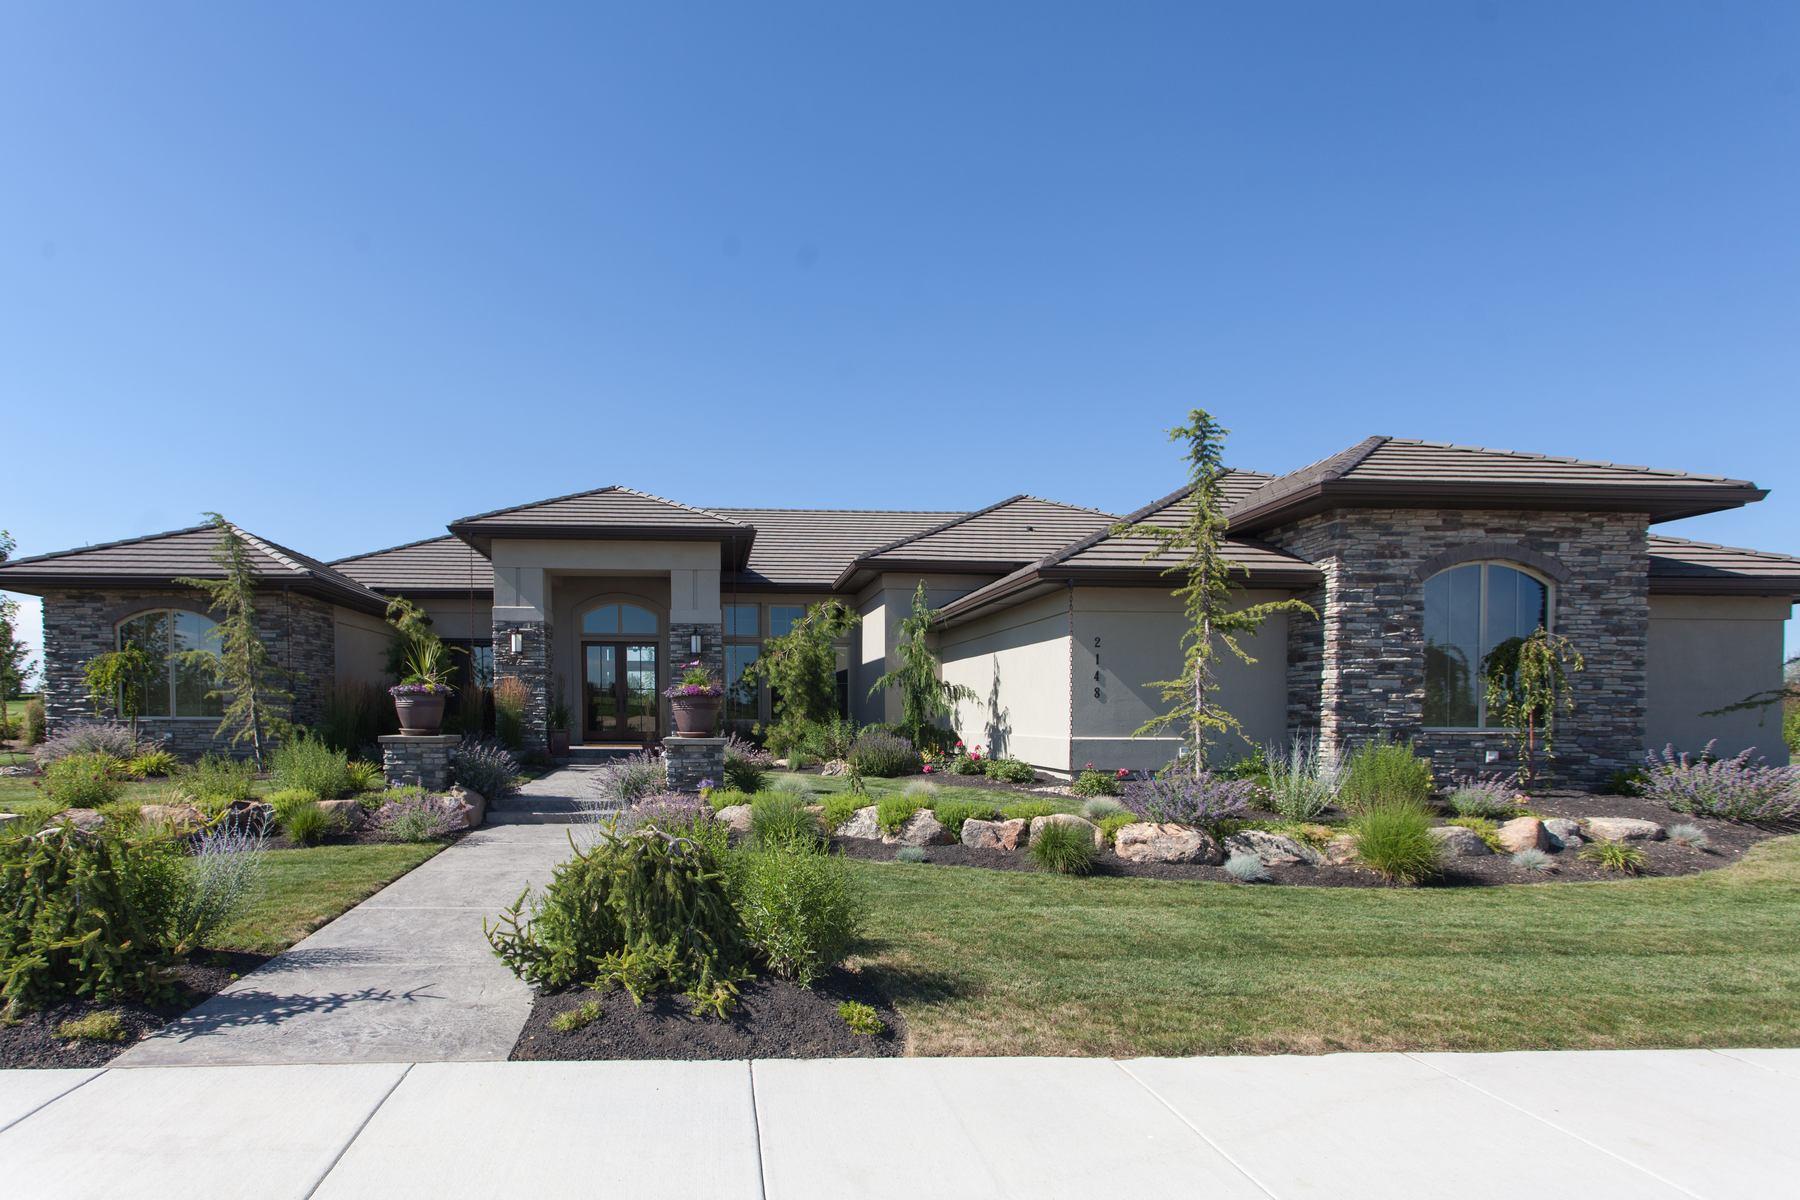 Nhà ở một gia đình vì Bán tại 2148 Three Lakes Drive, Meridian 2148 W Three Lakes Dr Meridian, Idaho, 83646 Hoa Kỳ